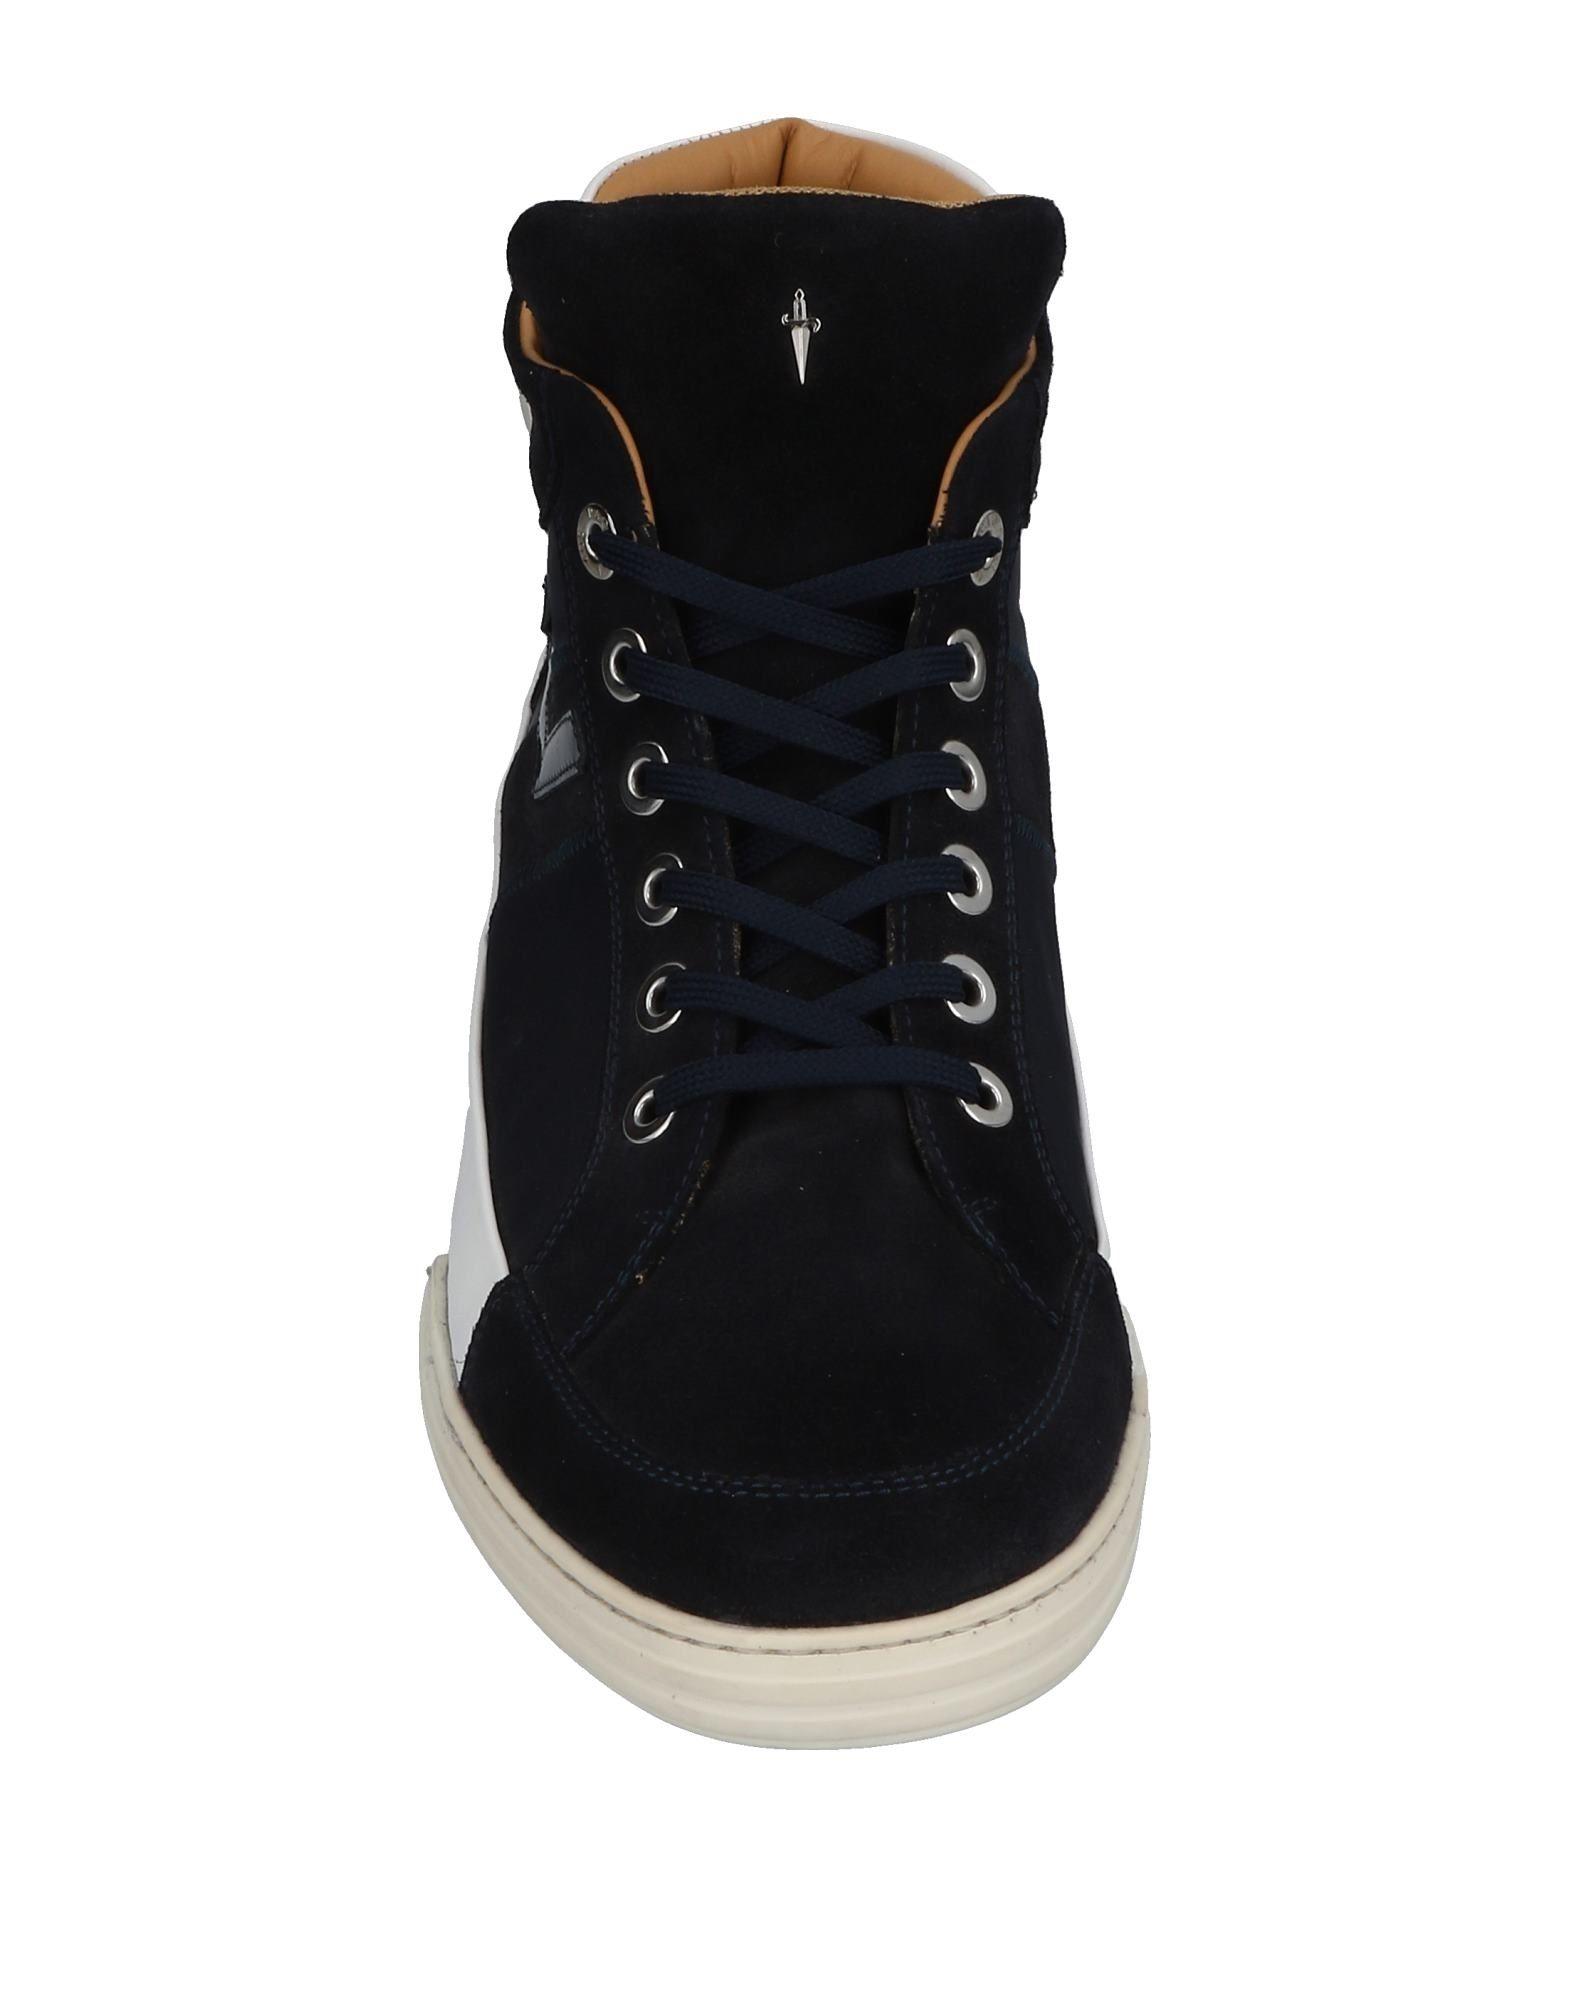 Cesare 11433513LX Paciotti 4Us Sneakers Herren  11433513LX Cesare Gute Qualität beliebte Schuhe c23efc